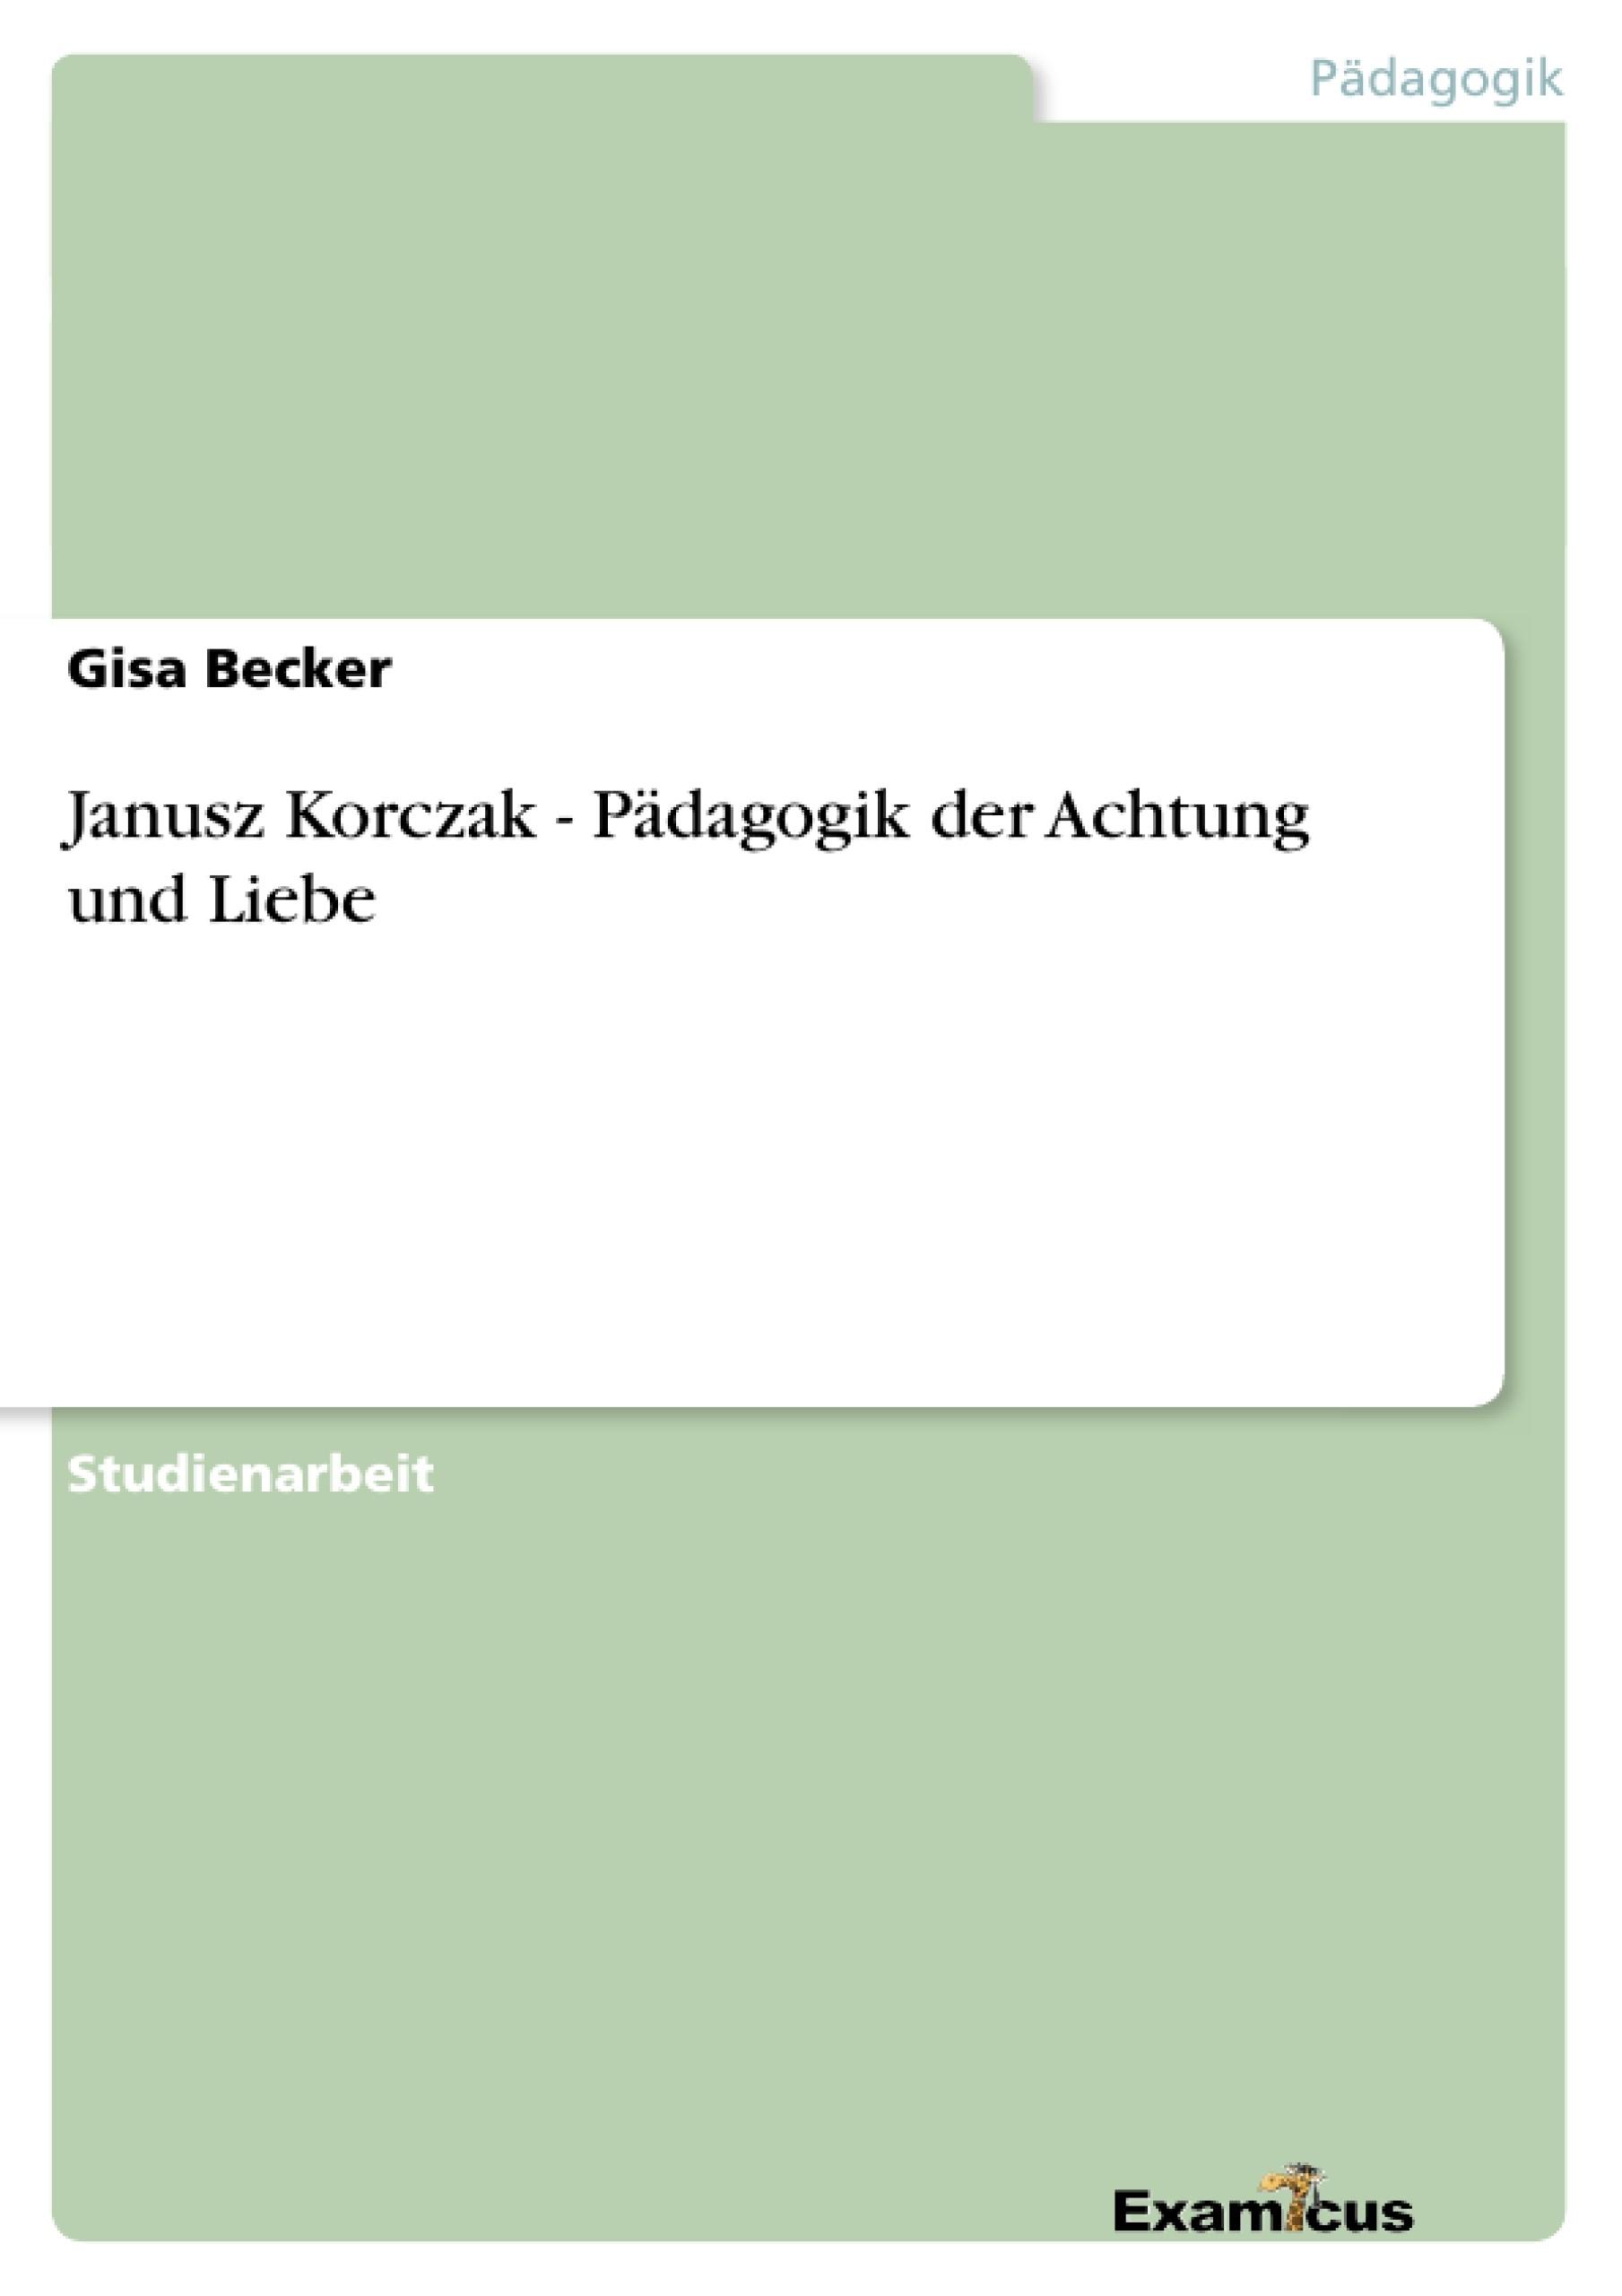 Titel: Janusz Korczak - Pädagogik der Achtung und Liebe